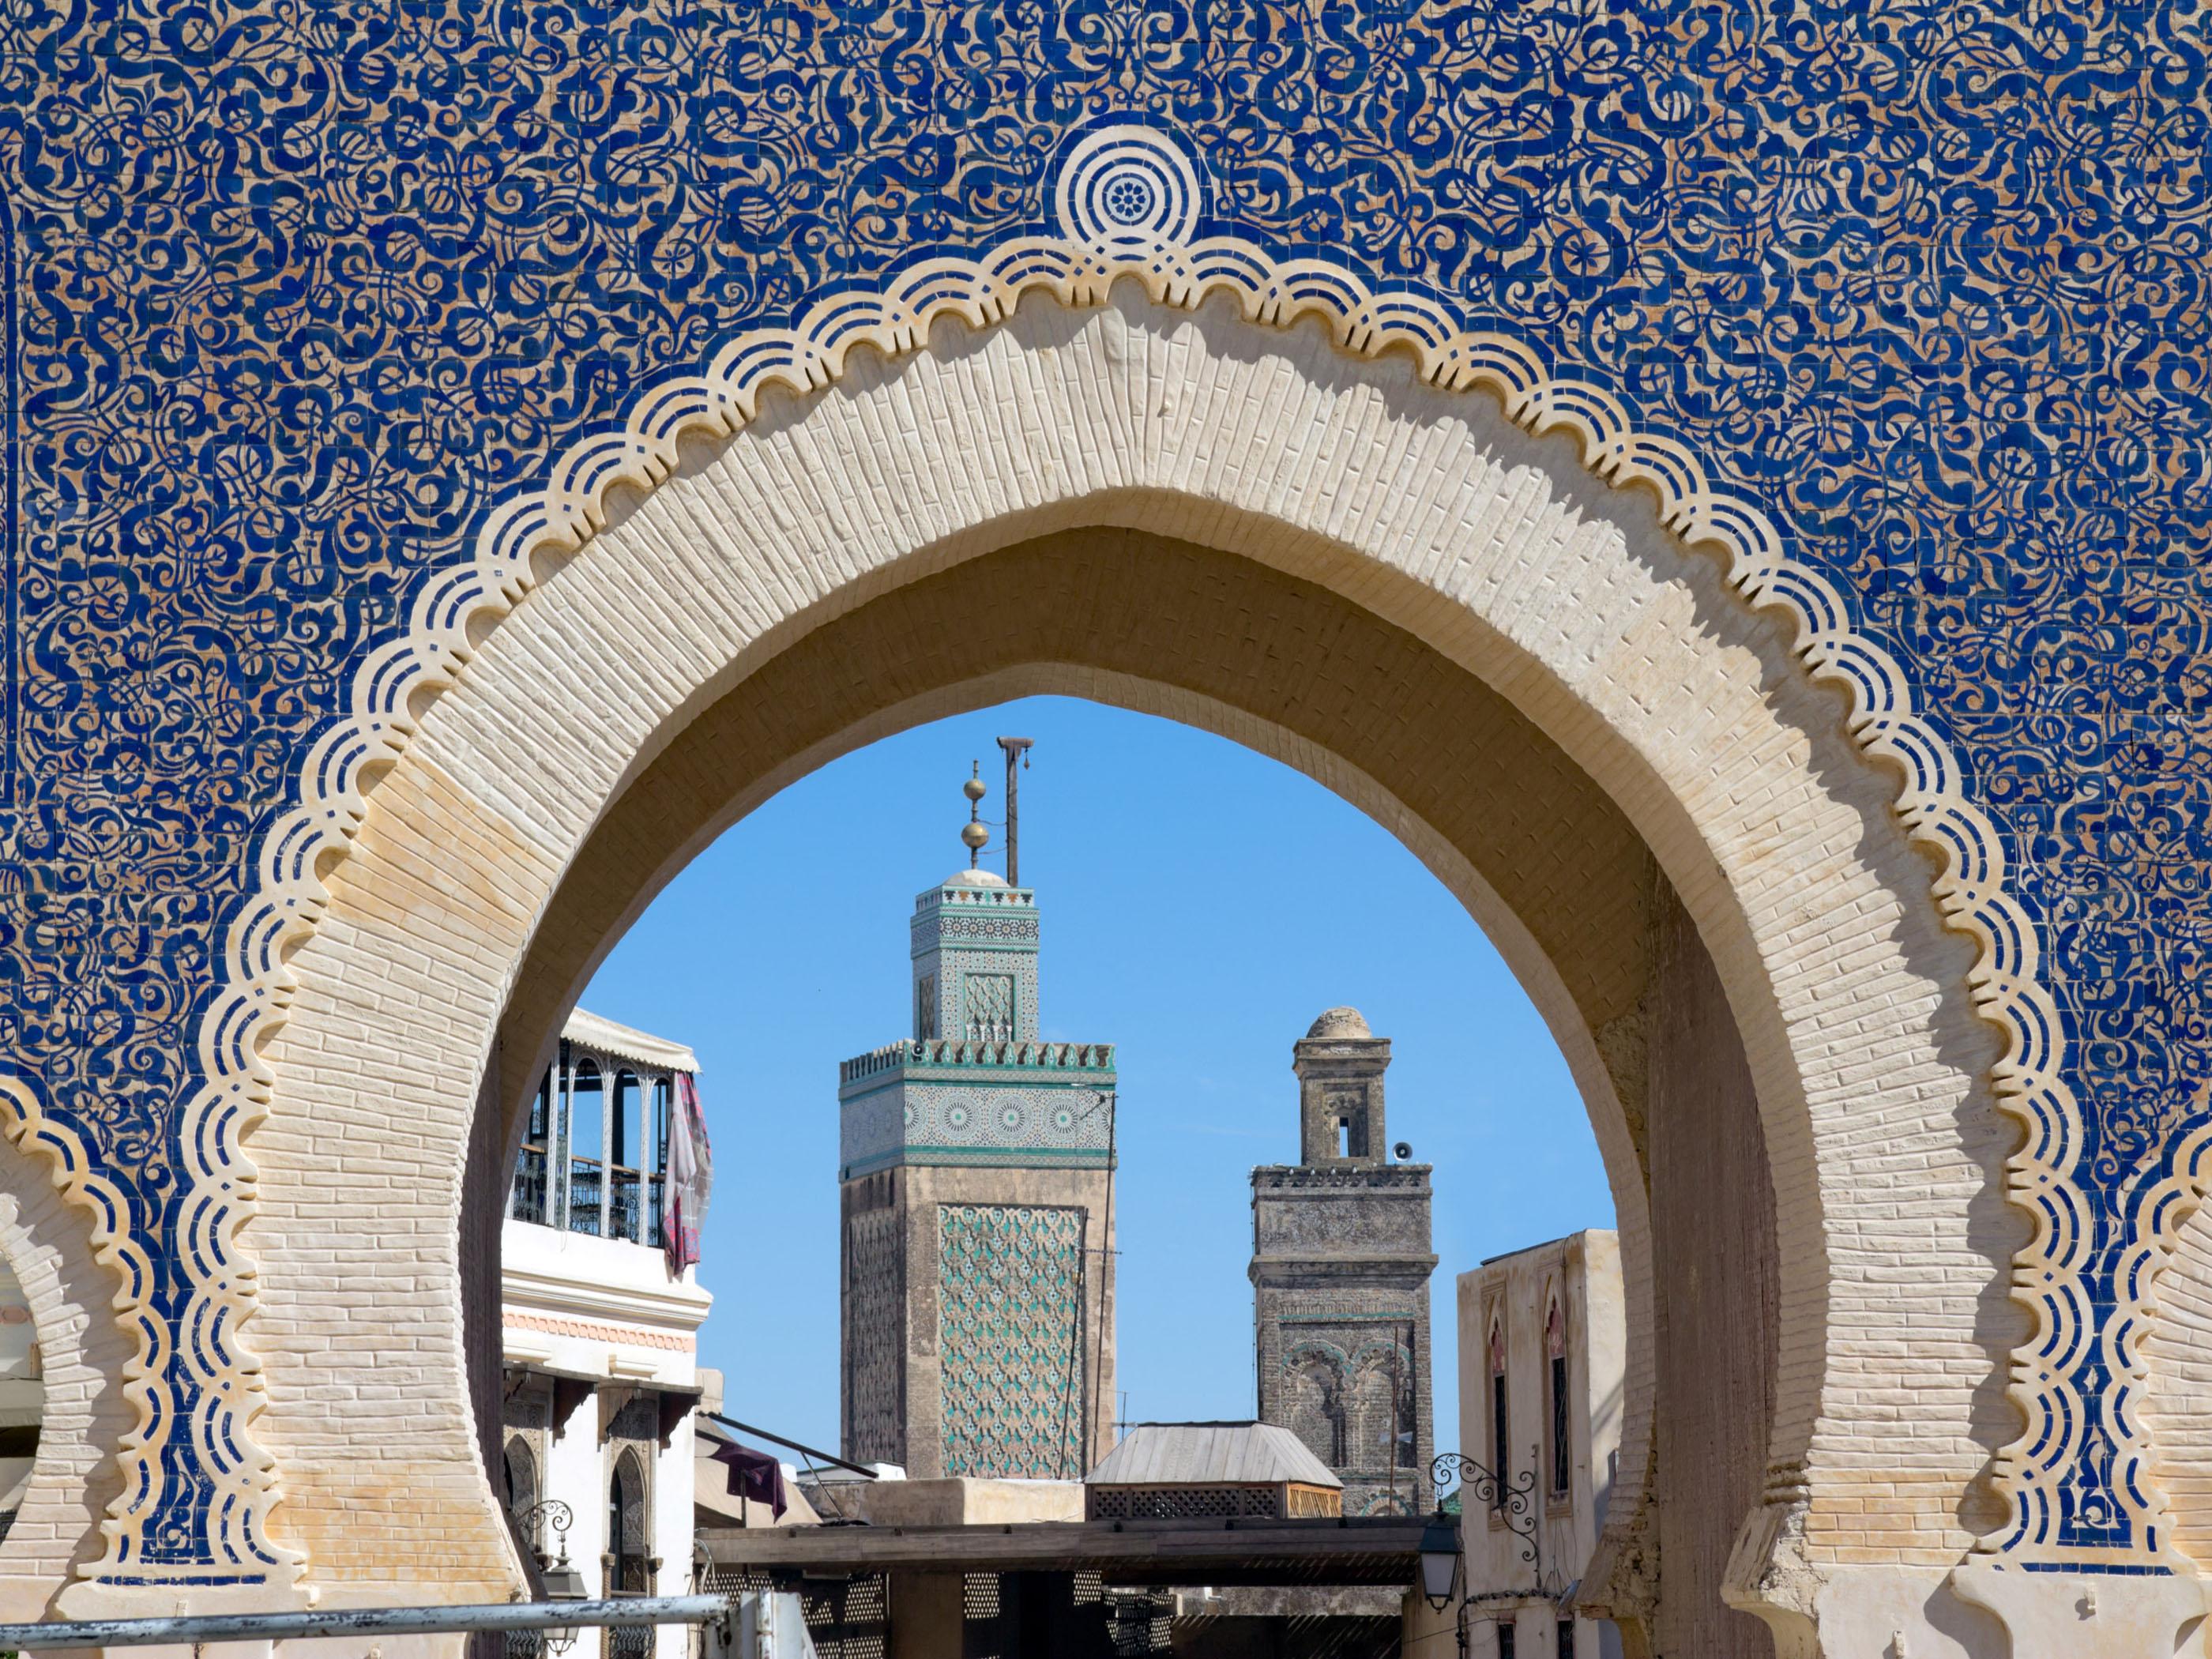 Morocco_fes1.jpg